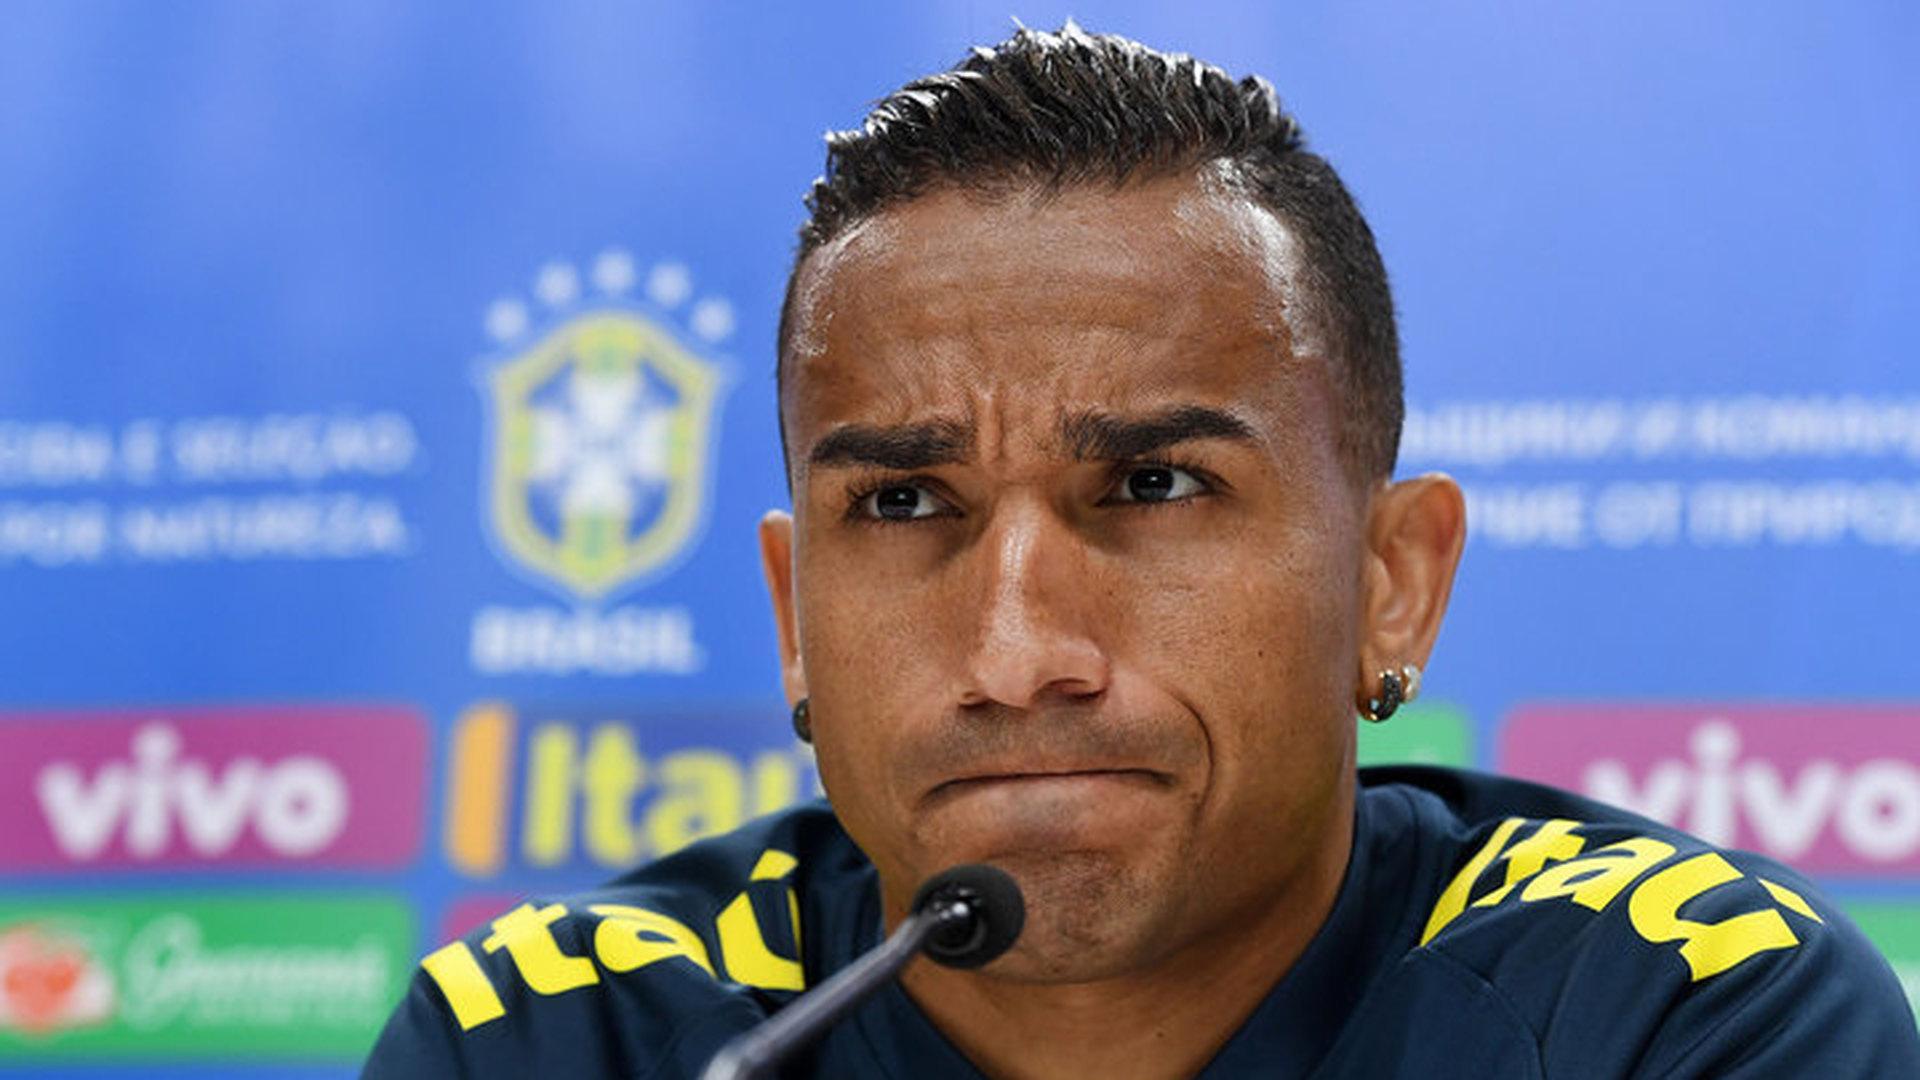 Бразилец Данило пропустит остаток чемпионата мира из-за травмы